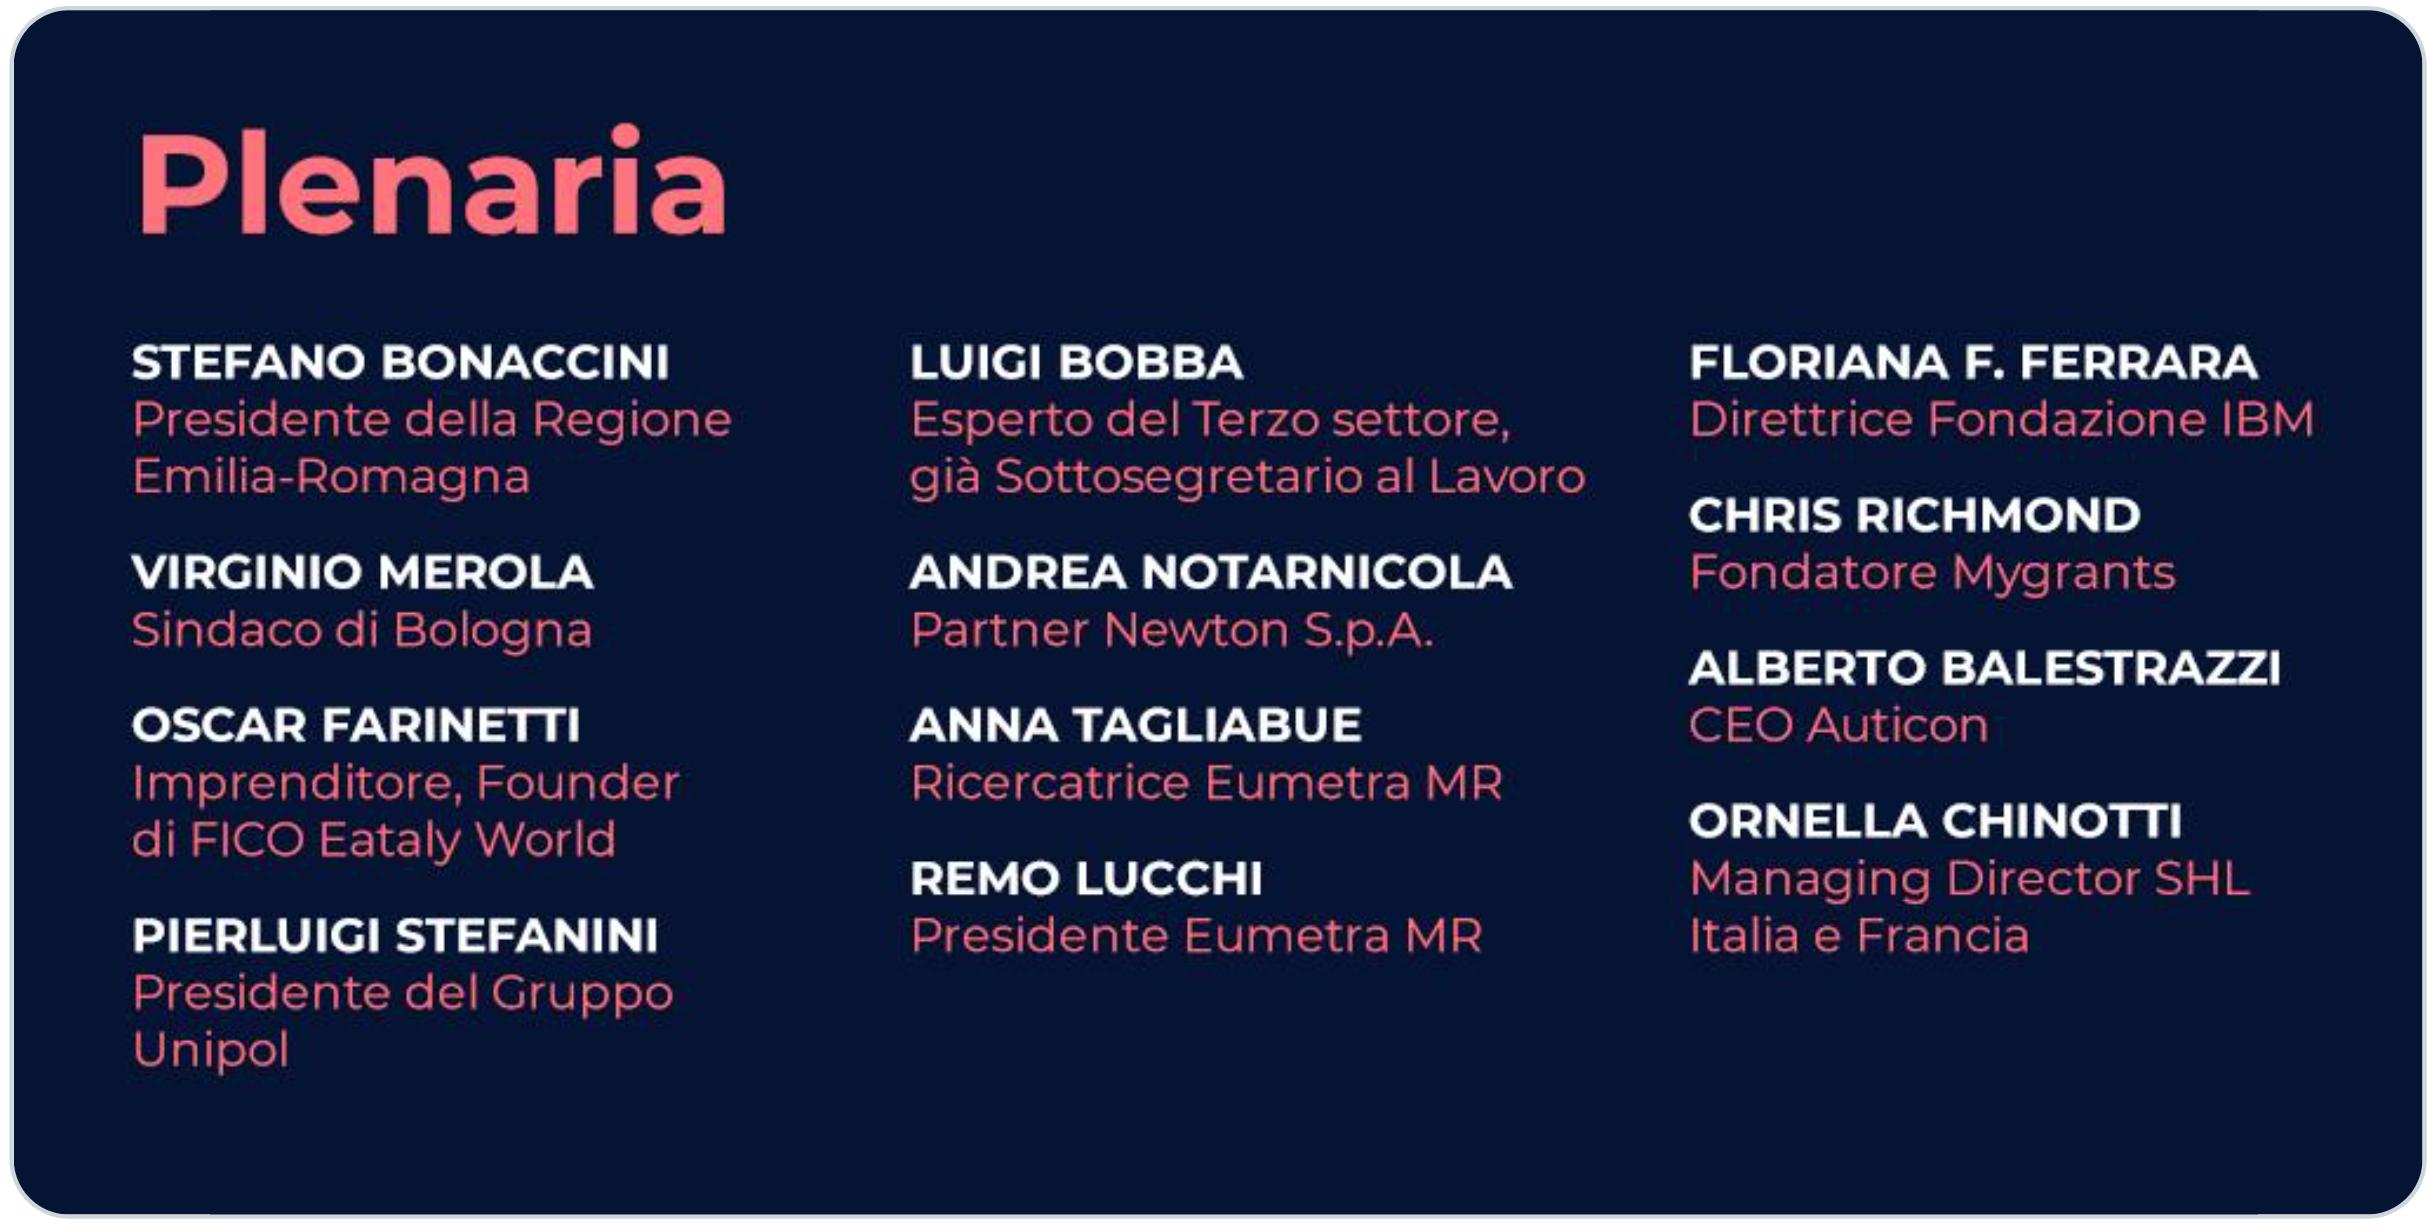 Una nuova prospettiva sulla Global Inclusion con gli ospiti della plenaria l'11/09 a Bologna